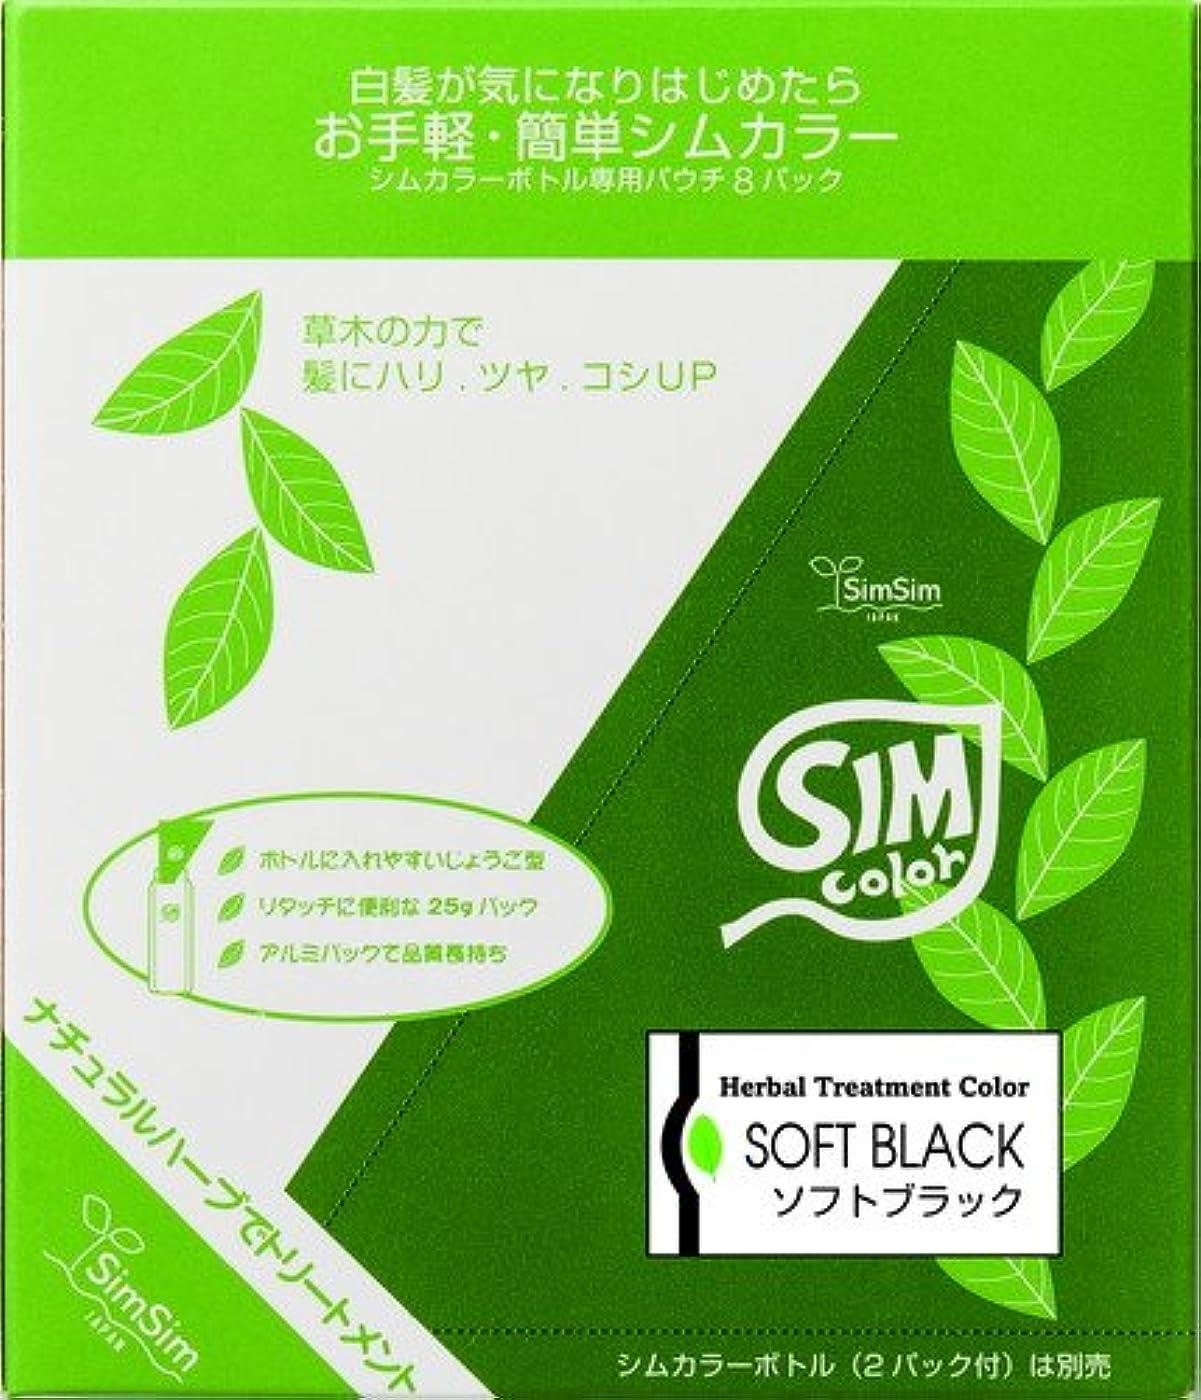 戦う見通しナプキンSimSim(シムシム)お手軽簡単シムカラーエクストラ(EX)25g 8袋 ソフトブラック